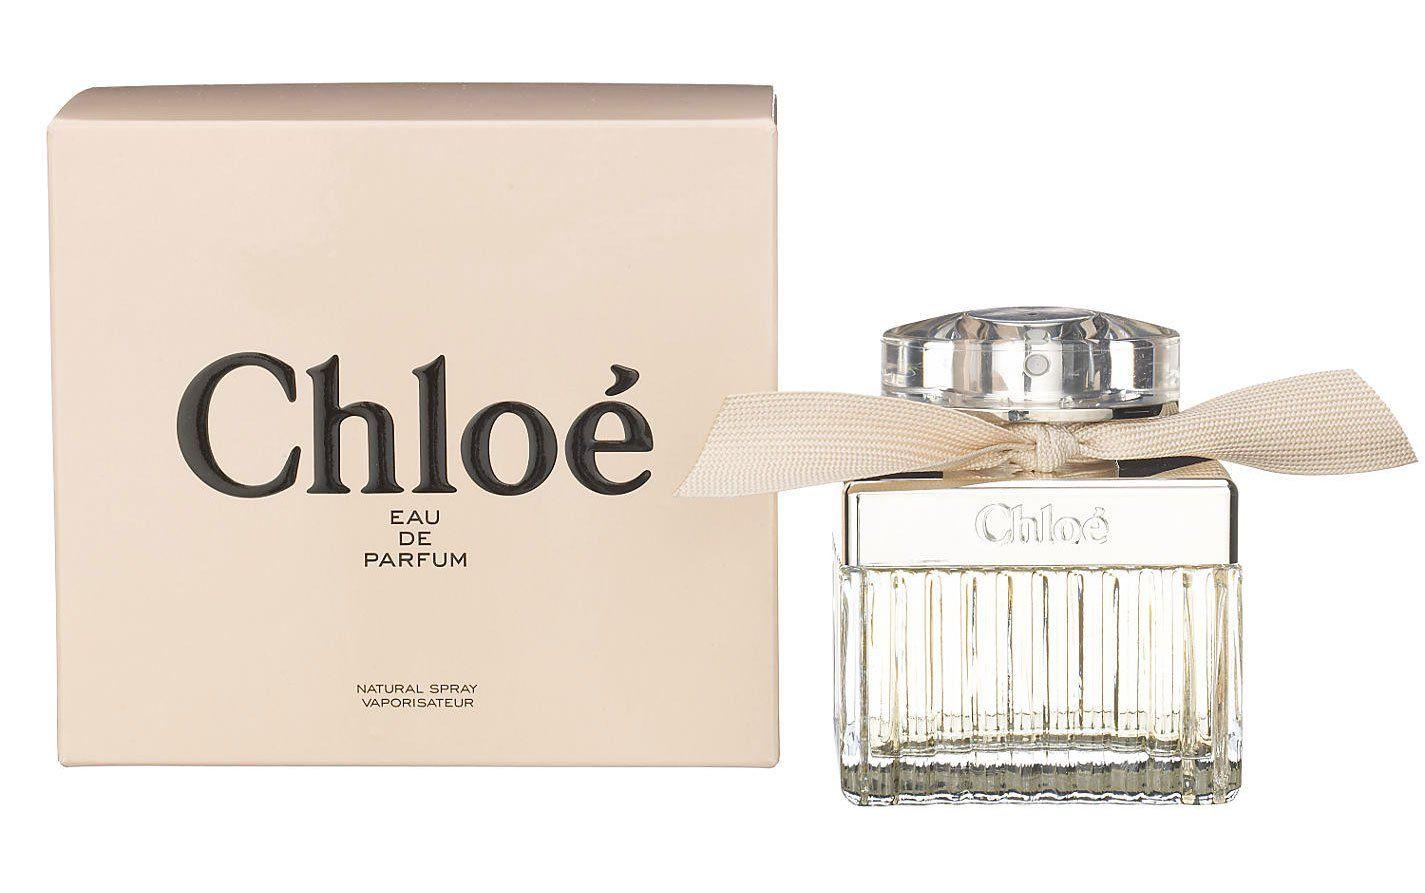 669b1257fdab Духи Chloe Eau de Parfum Для Женщин 75 ml купить в магазине Авуар